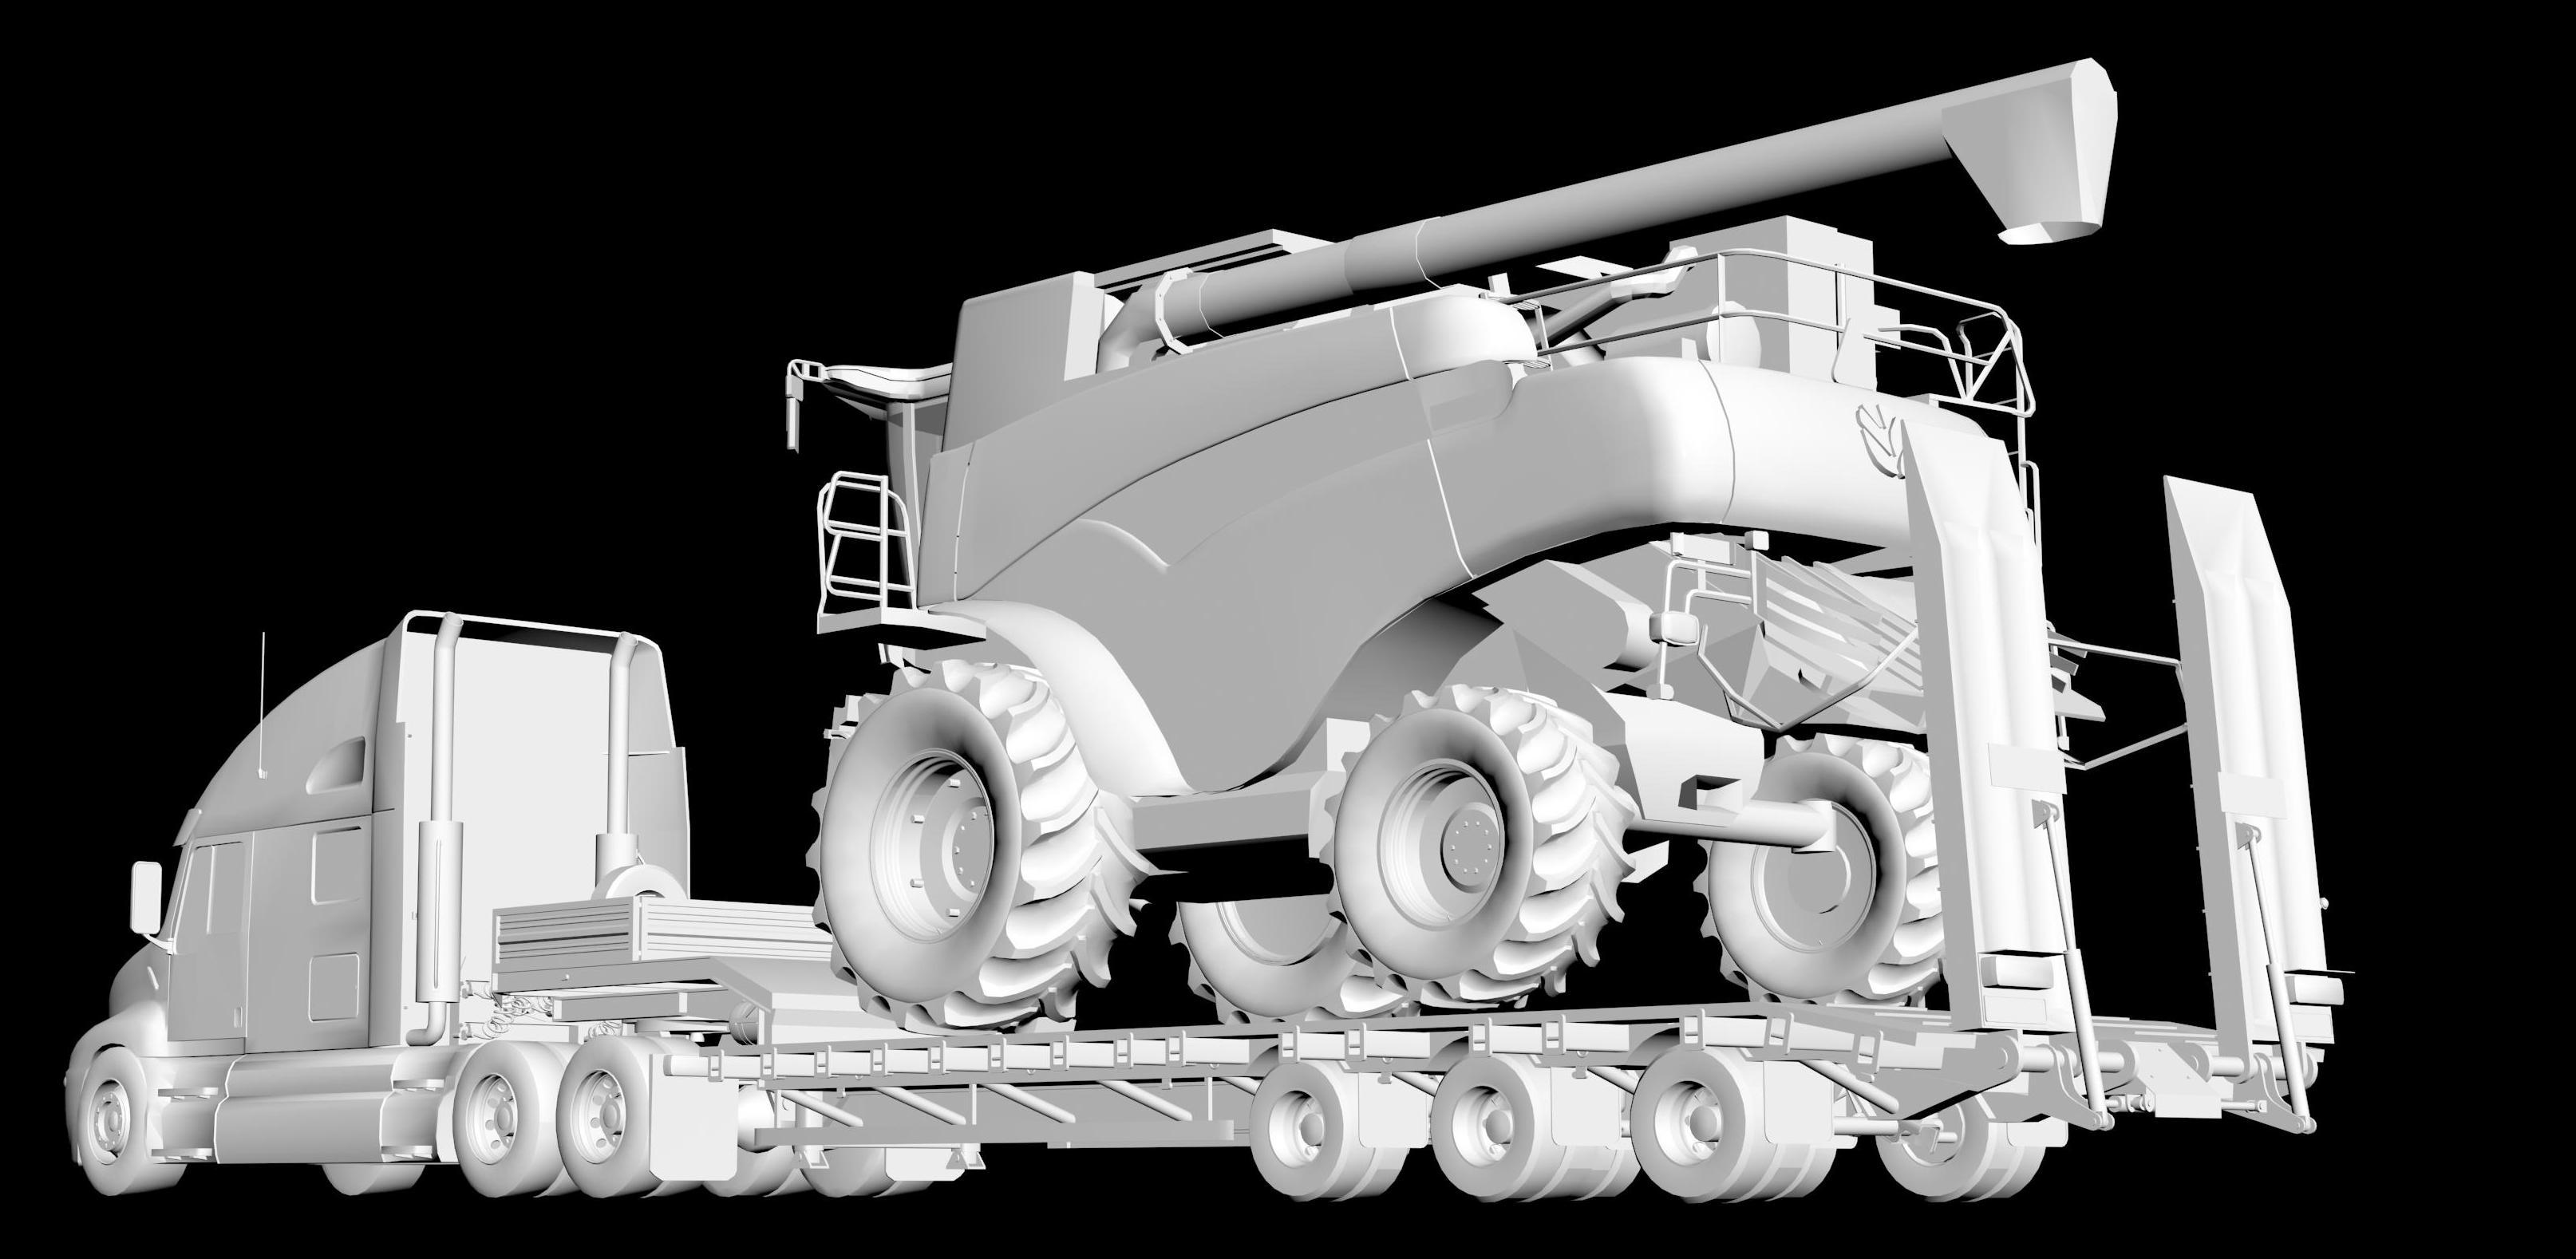 [Encuesta][T.E.P.] Proyecto Aguas Tenias (22 modelos + 1 Camión) [Terminado 21-4-2014]. - Página 5 572qskq